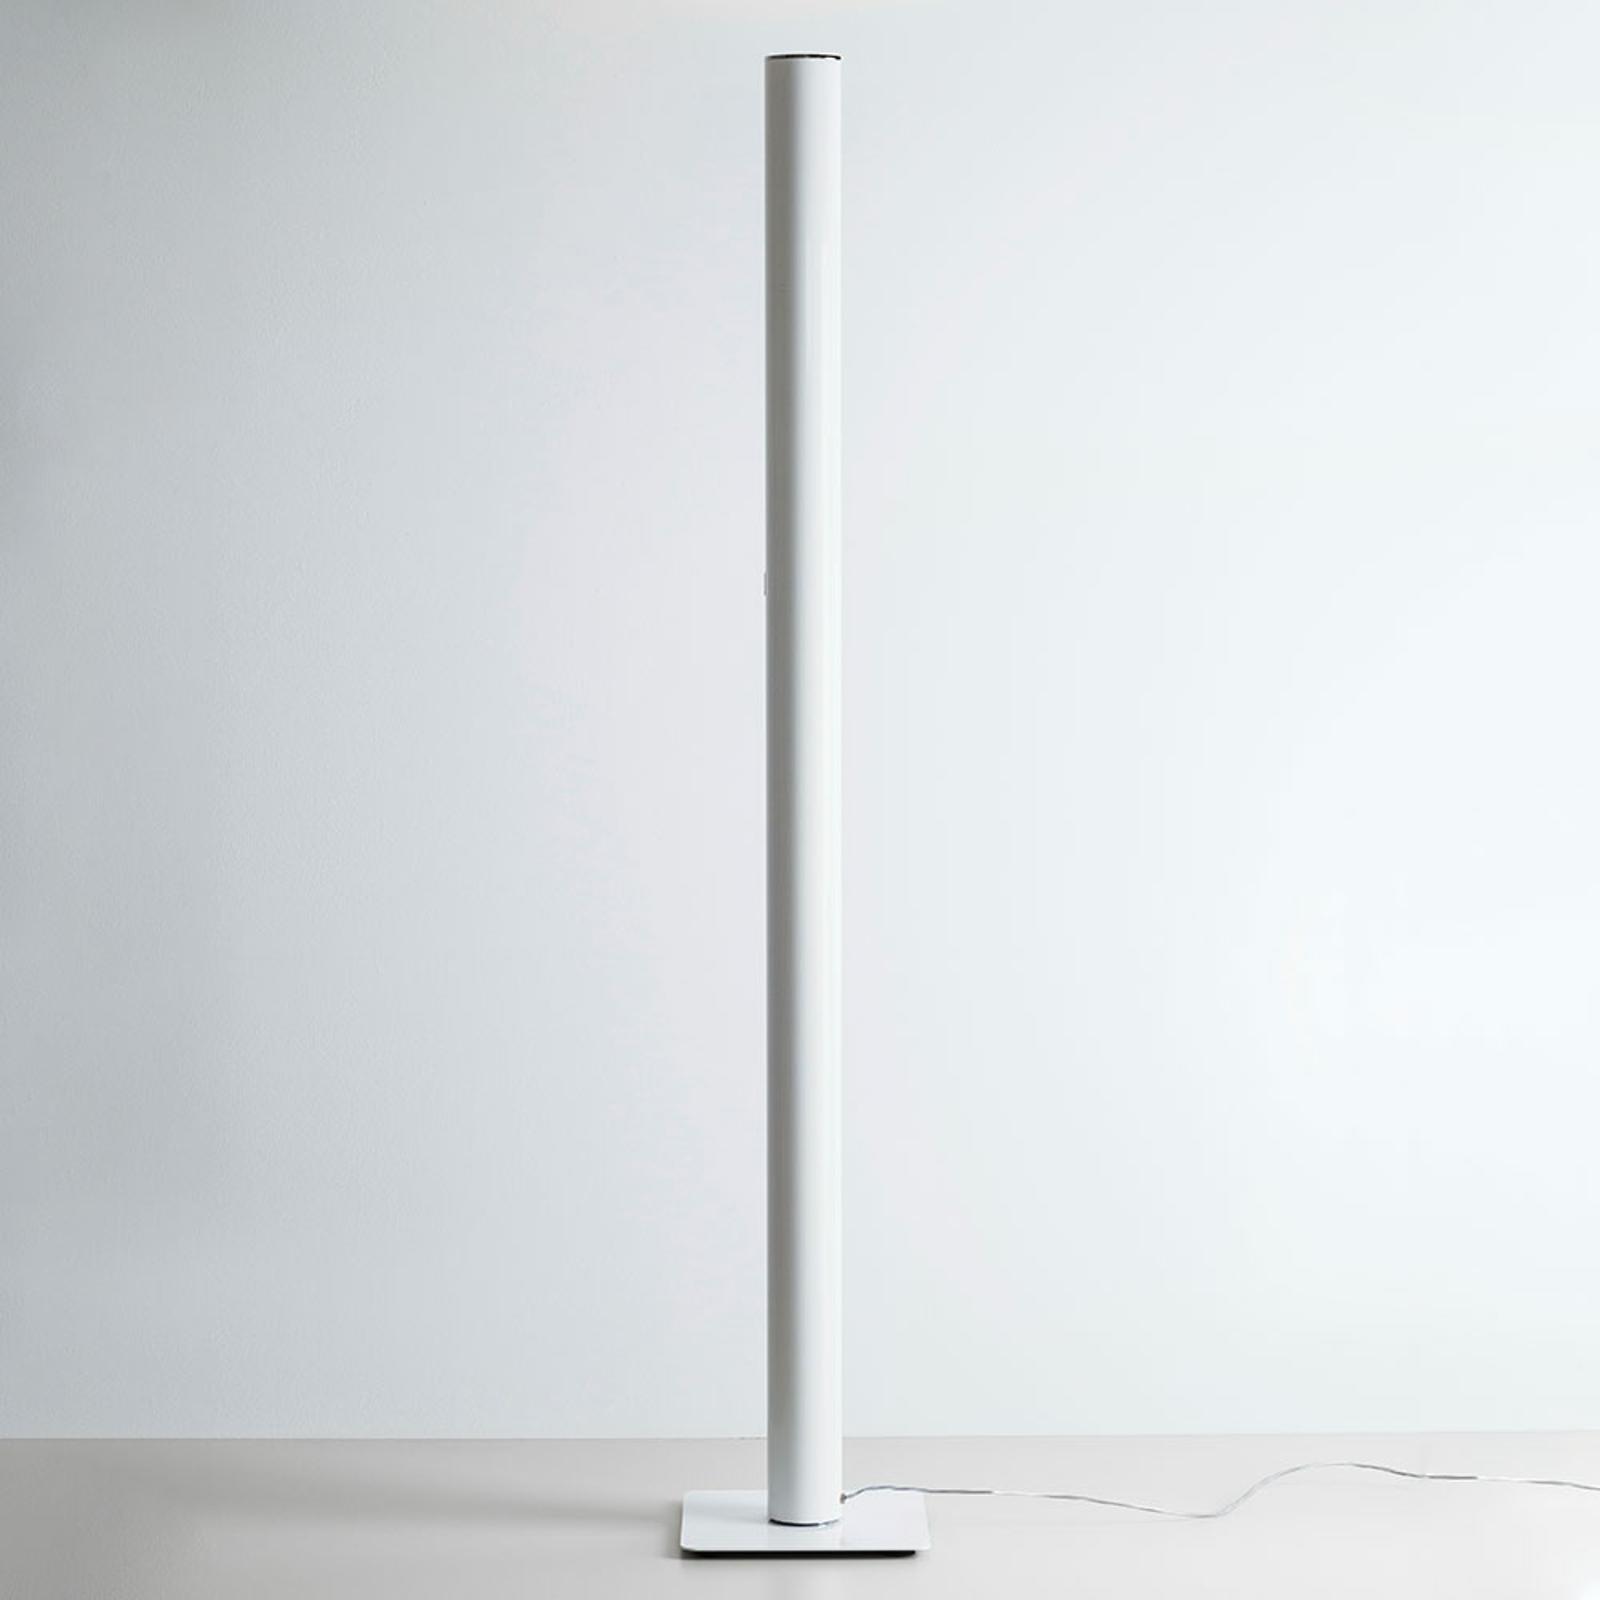 Artemide Ilio - LED-Stehleuchte, App, weiß, 2700K